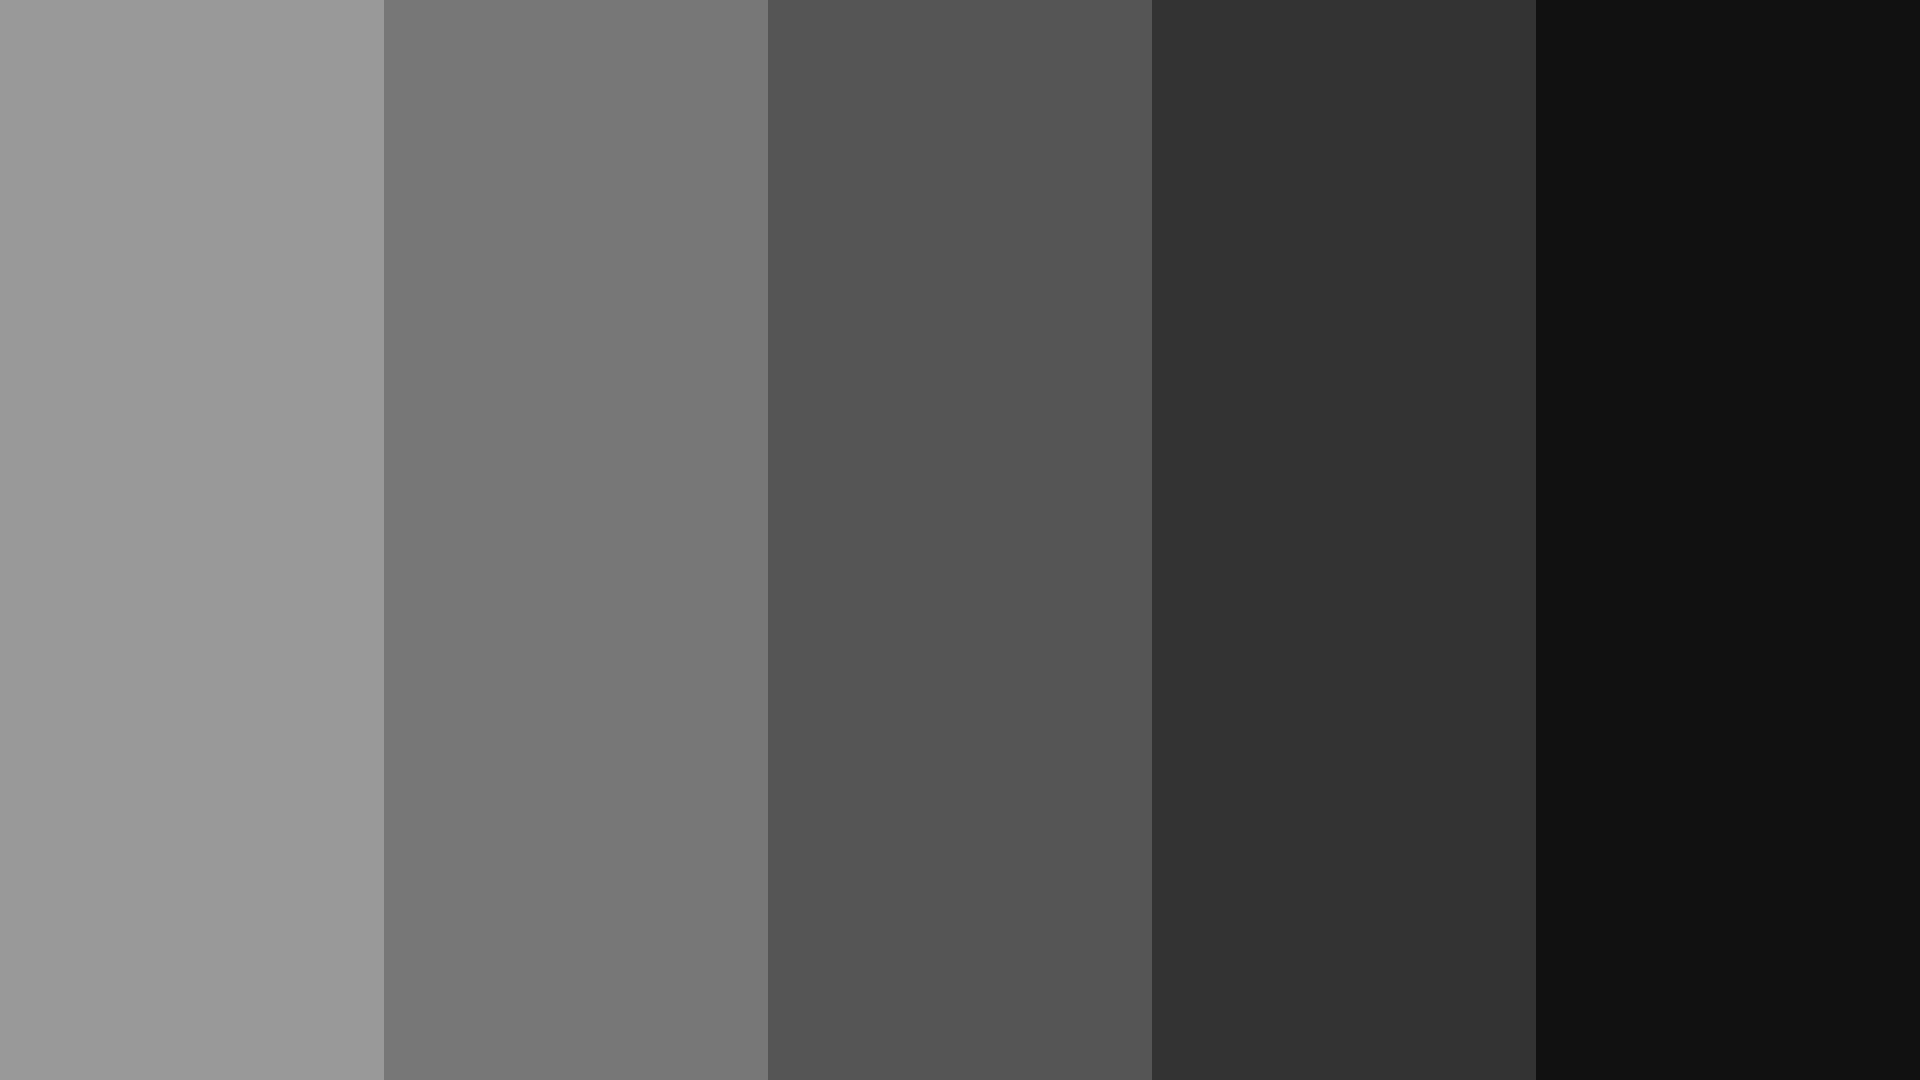 درجات اللون الرمادي والرصاصي الفاتح والفيراني للدهانات والديكور موقع أدواتك